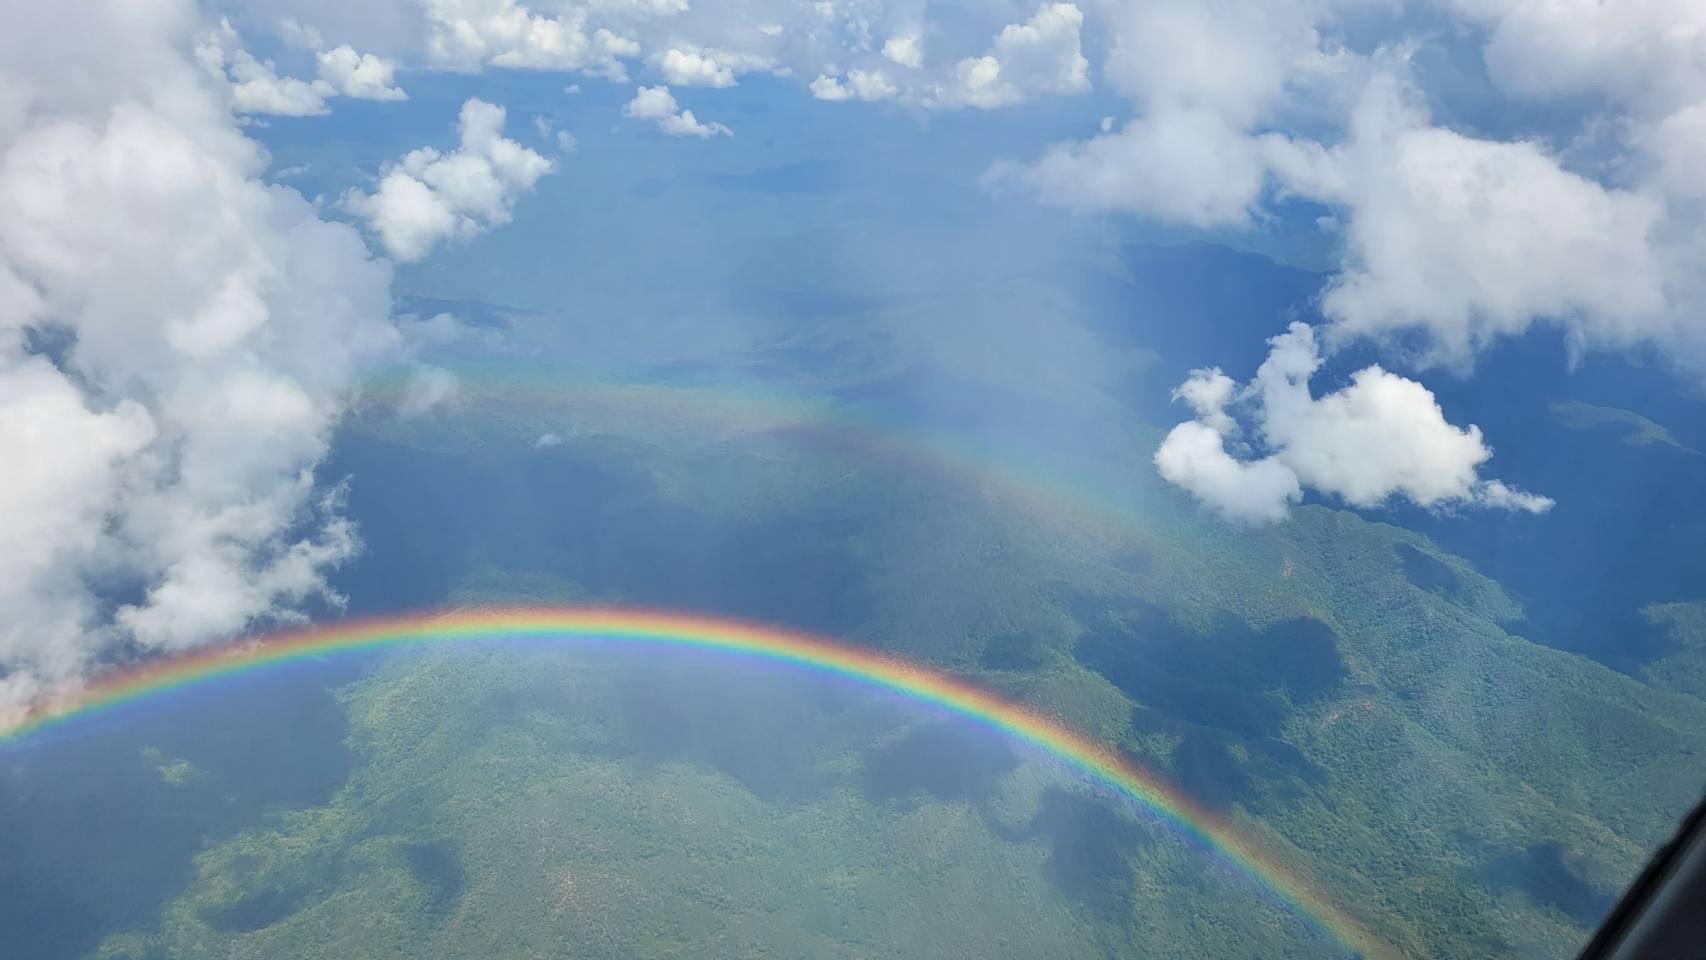 อธิบดีฝนหลวงฯ ปรับแผนปิดหน่วยบิน ก่อนรับบทบาทใหม่ เลขาธิการ สทนช. – เศรษฐกิจ